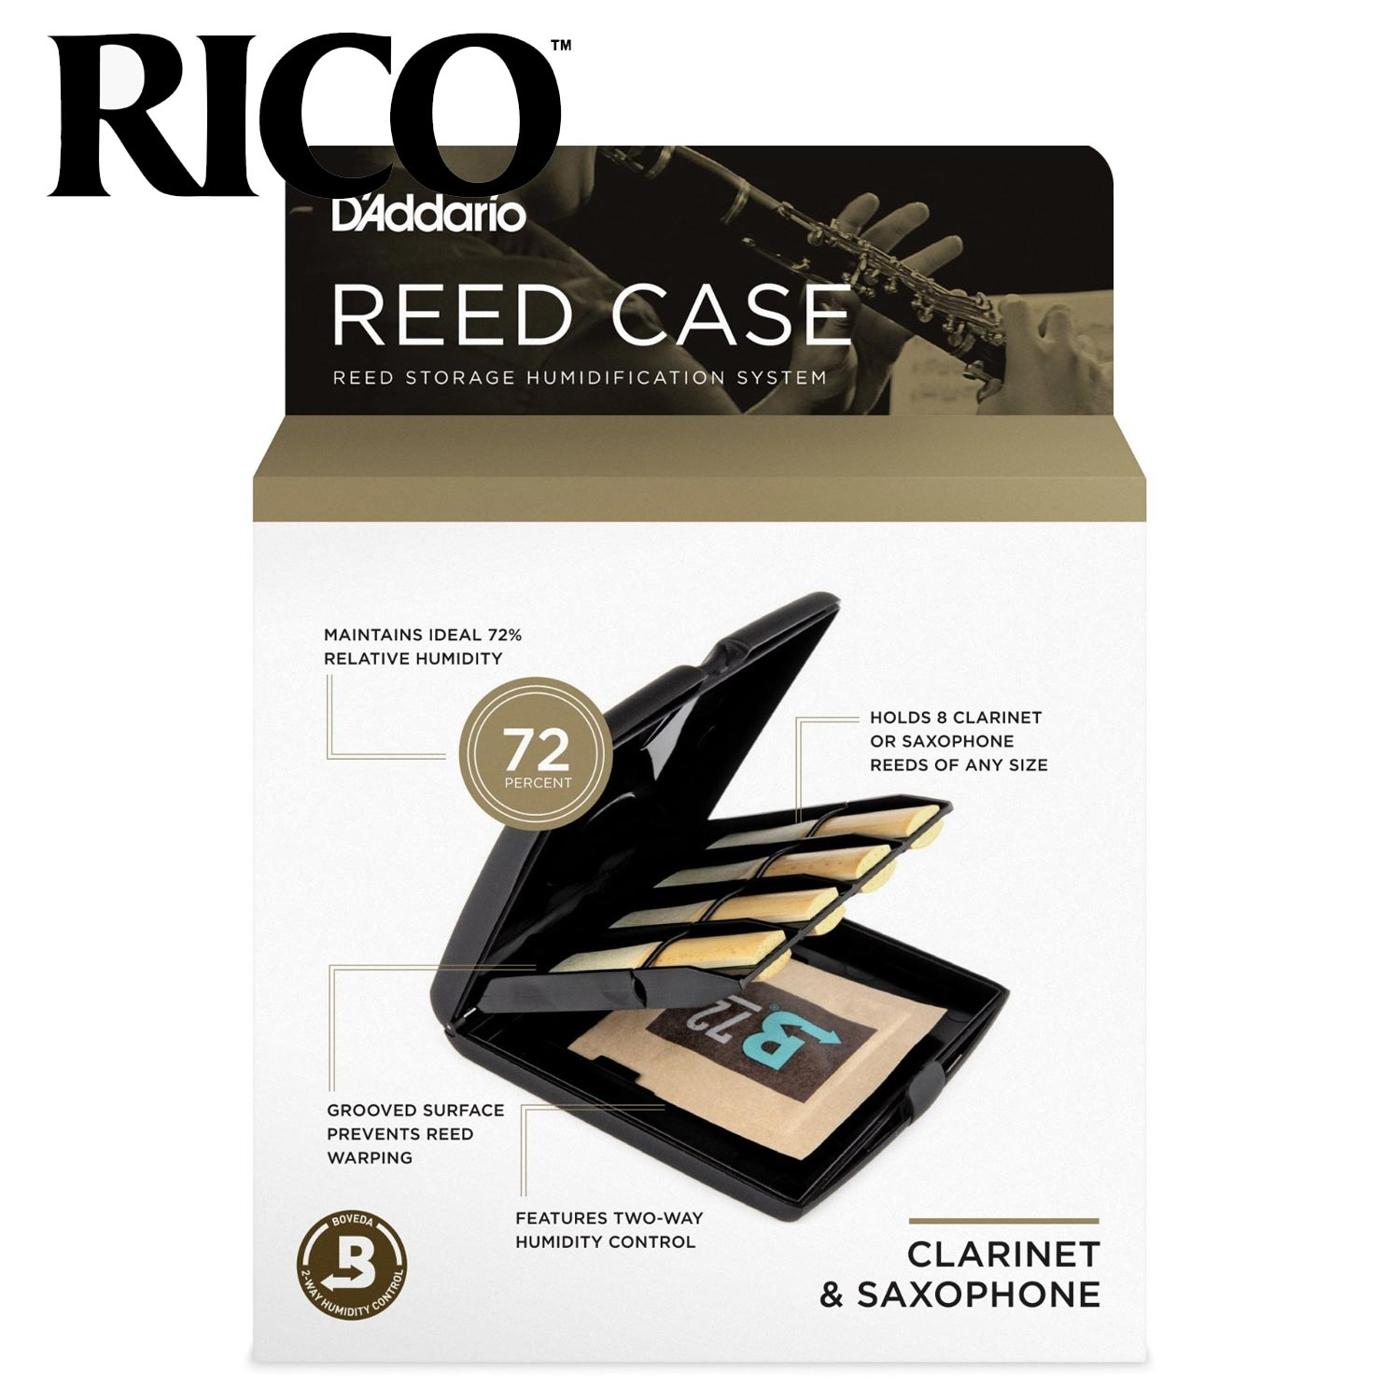 小叮噹的店RVCASE04美國RICO竹片濕度控制盒可放8片保濕盒豎笛薩克斯風